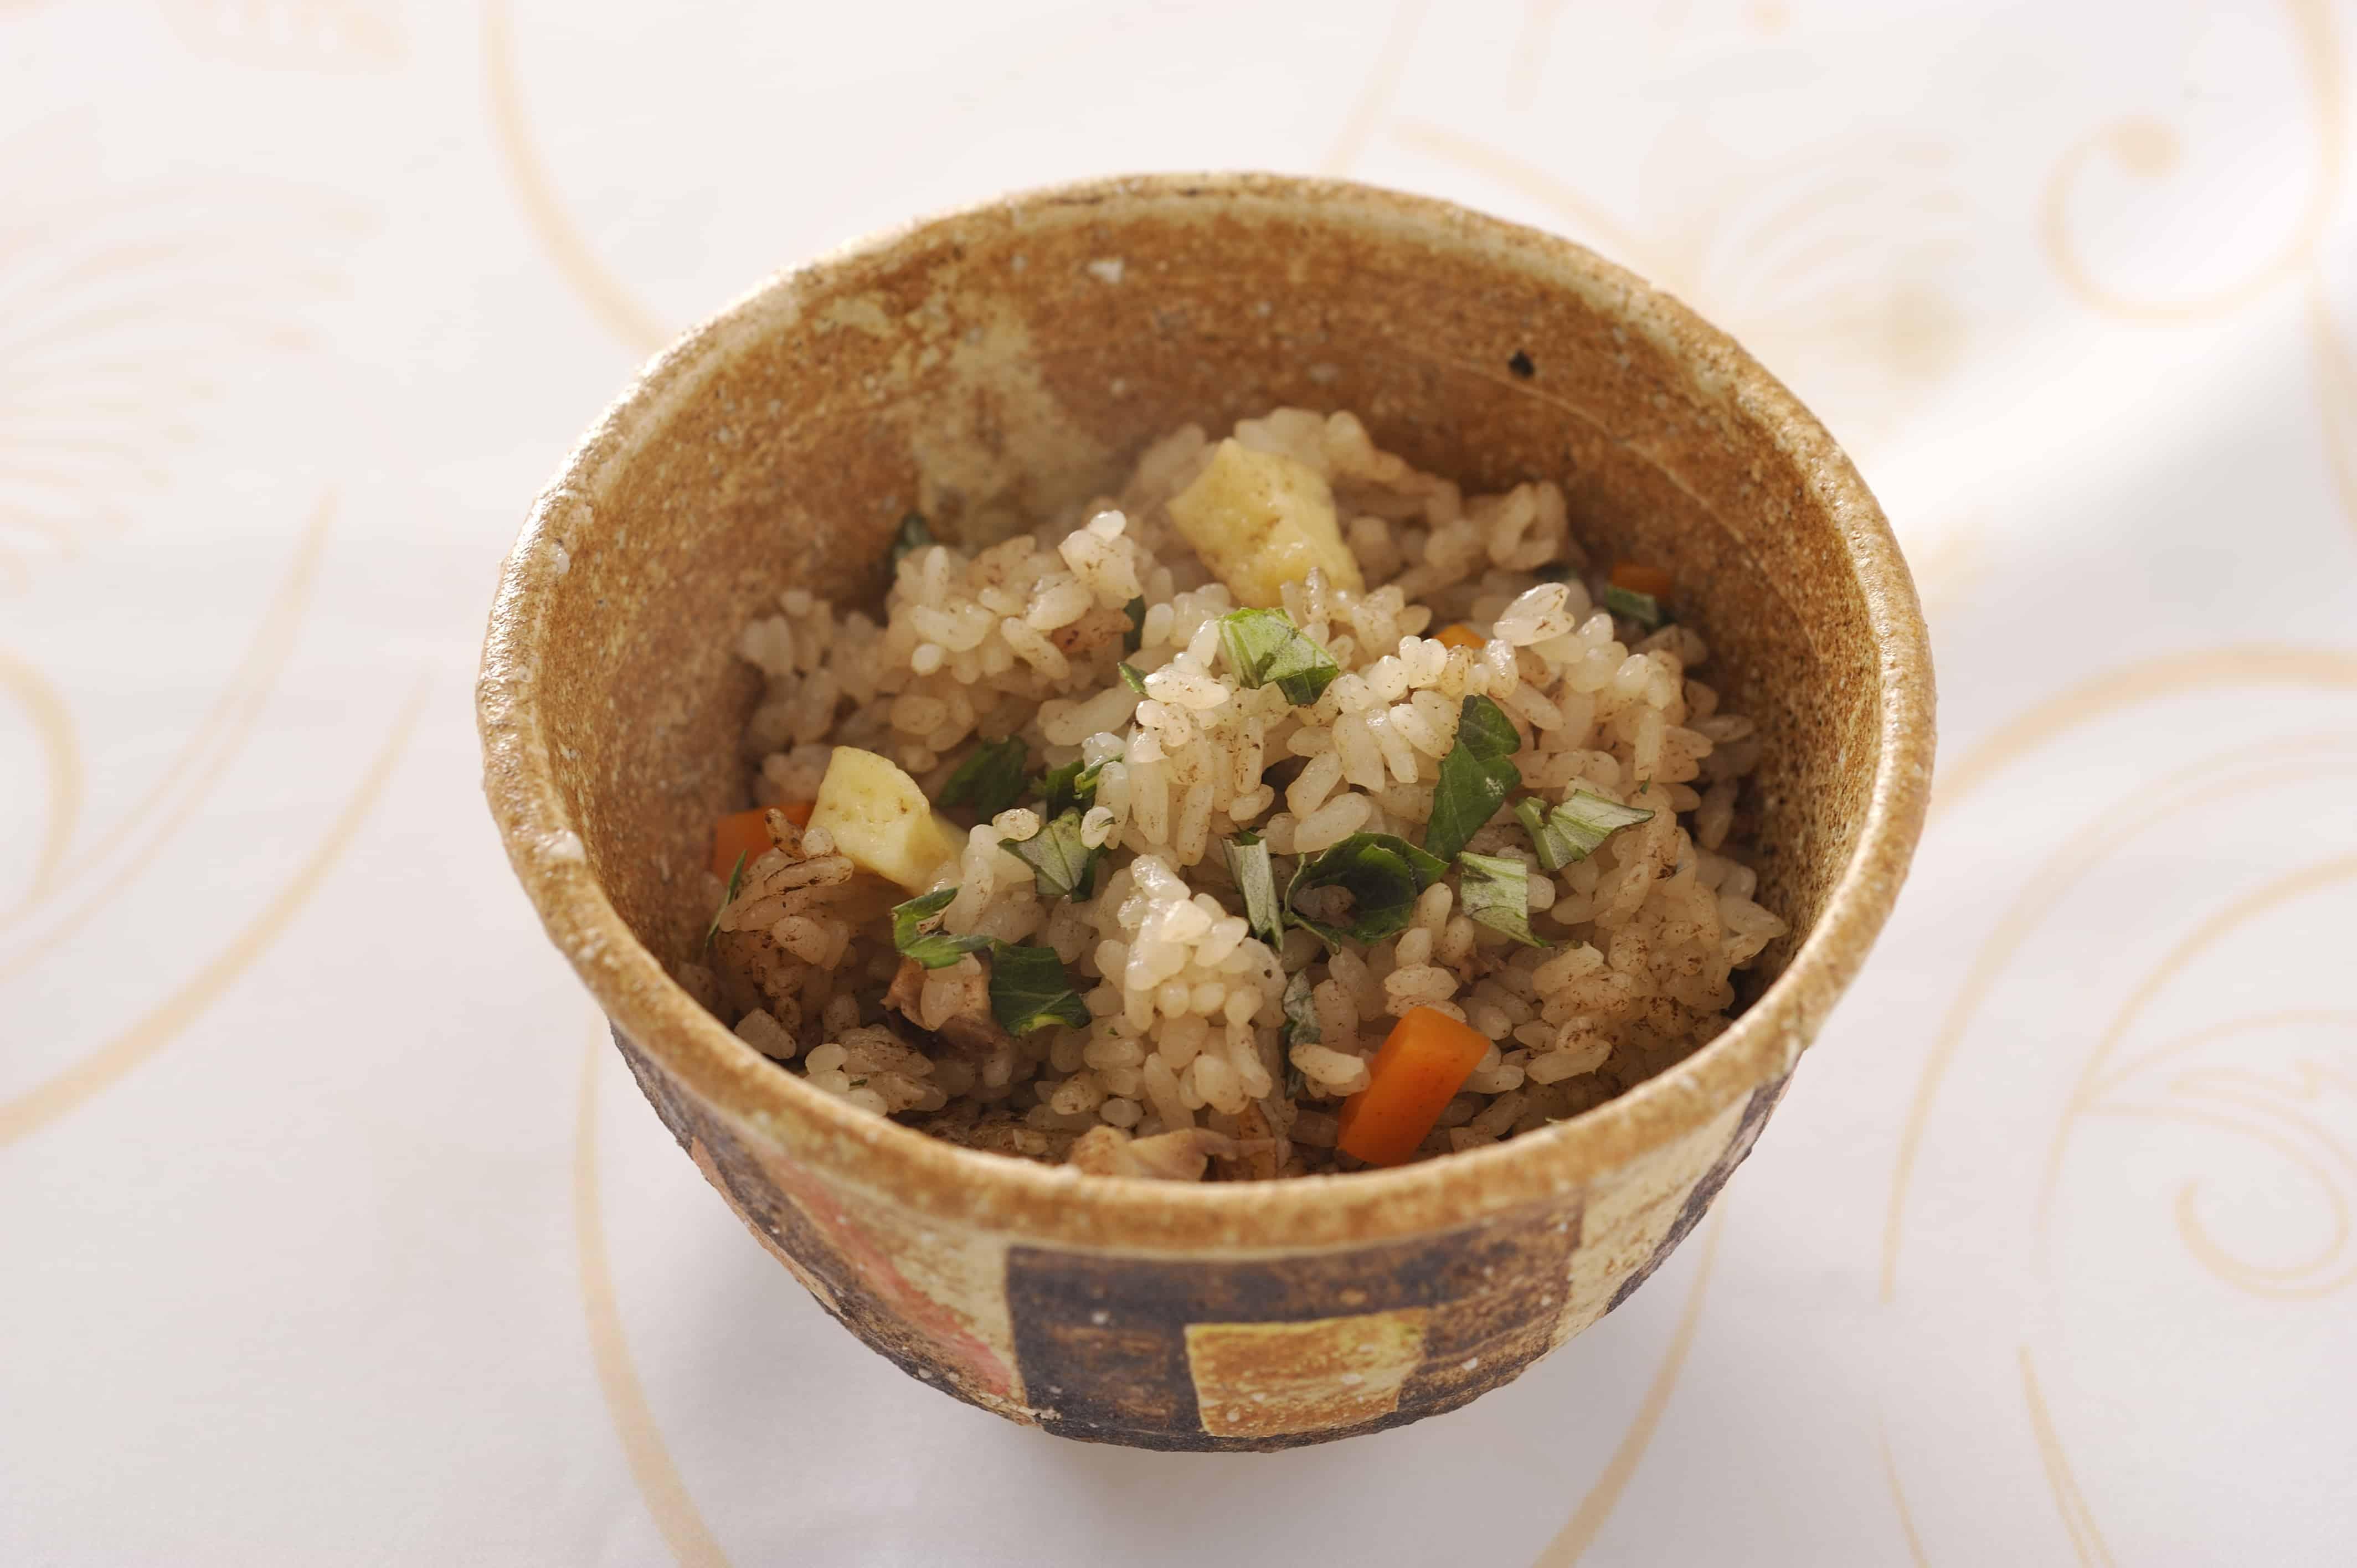 อาหารโอกินาว่า : Jushi (ジューシー)